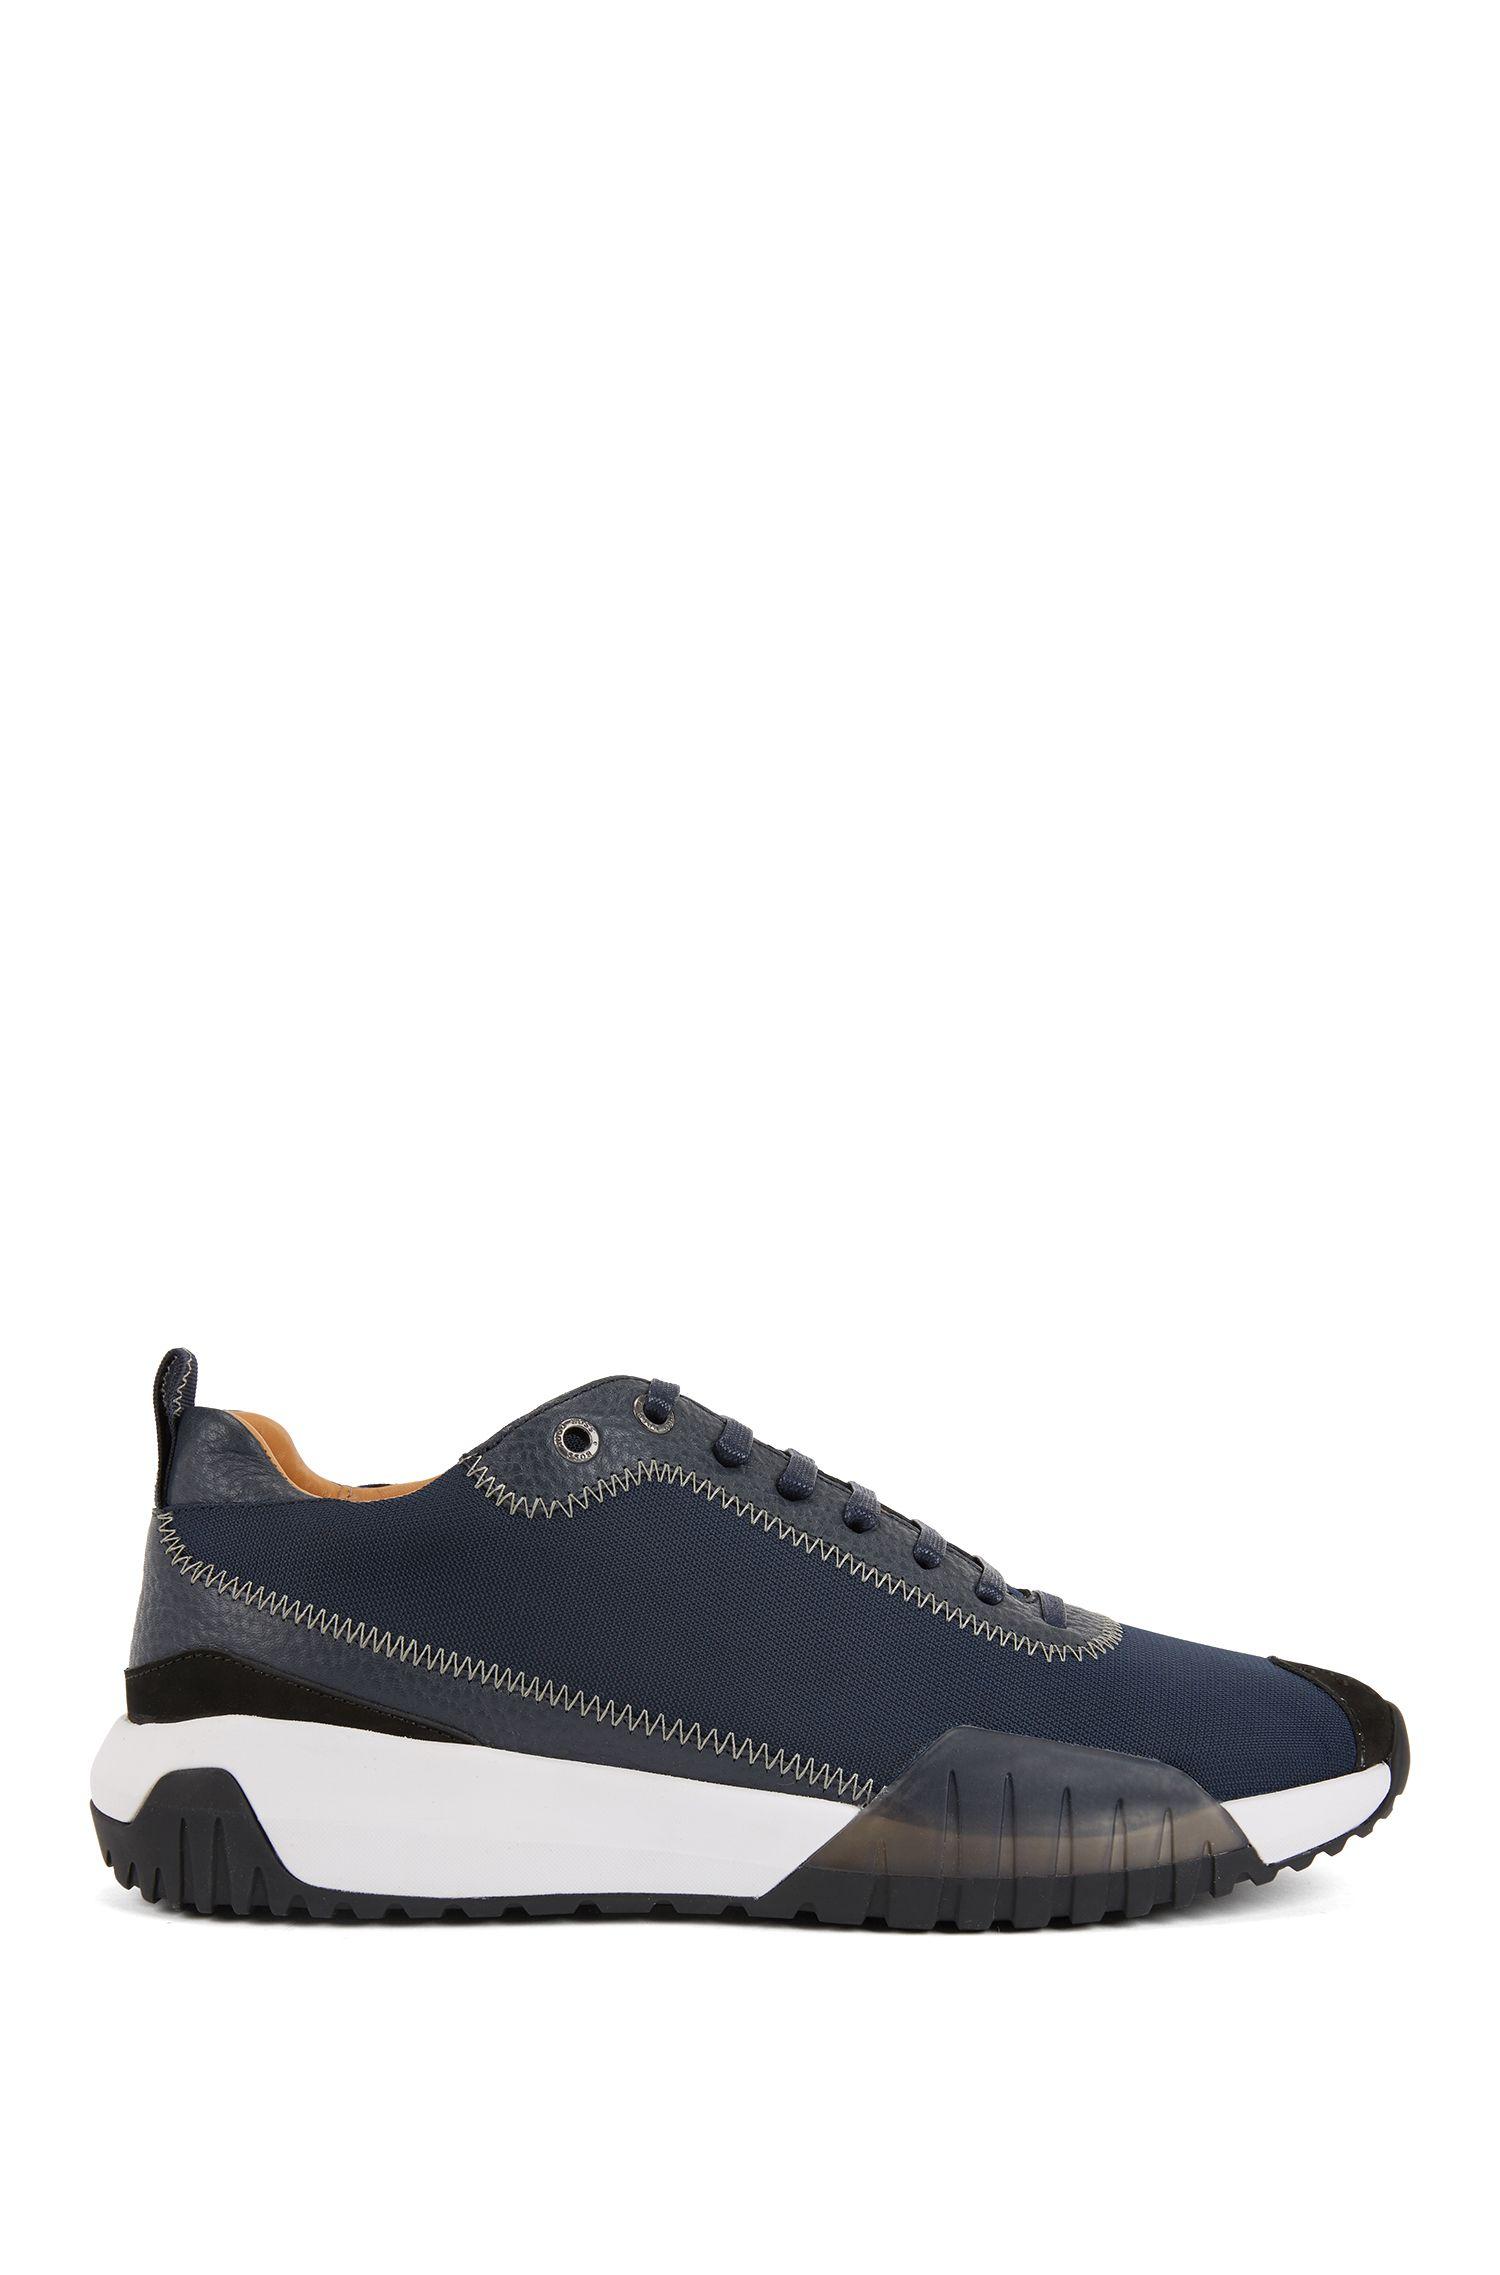 Lowtop Sneakers aus Nylon mit Leder-Details, Dunkelblau